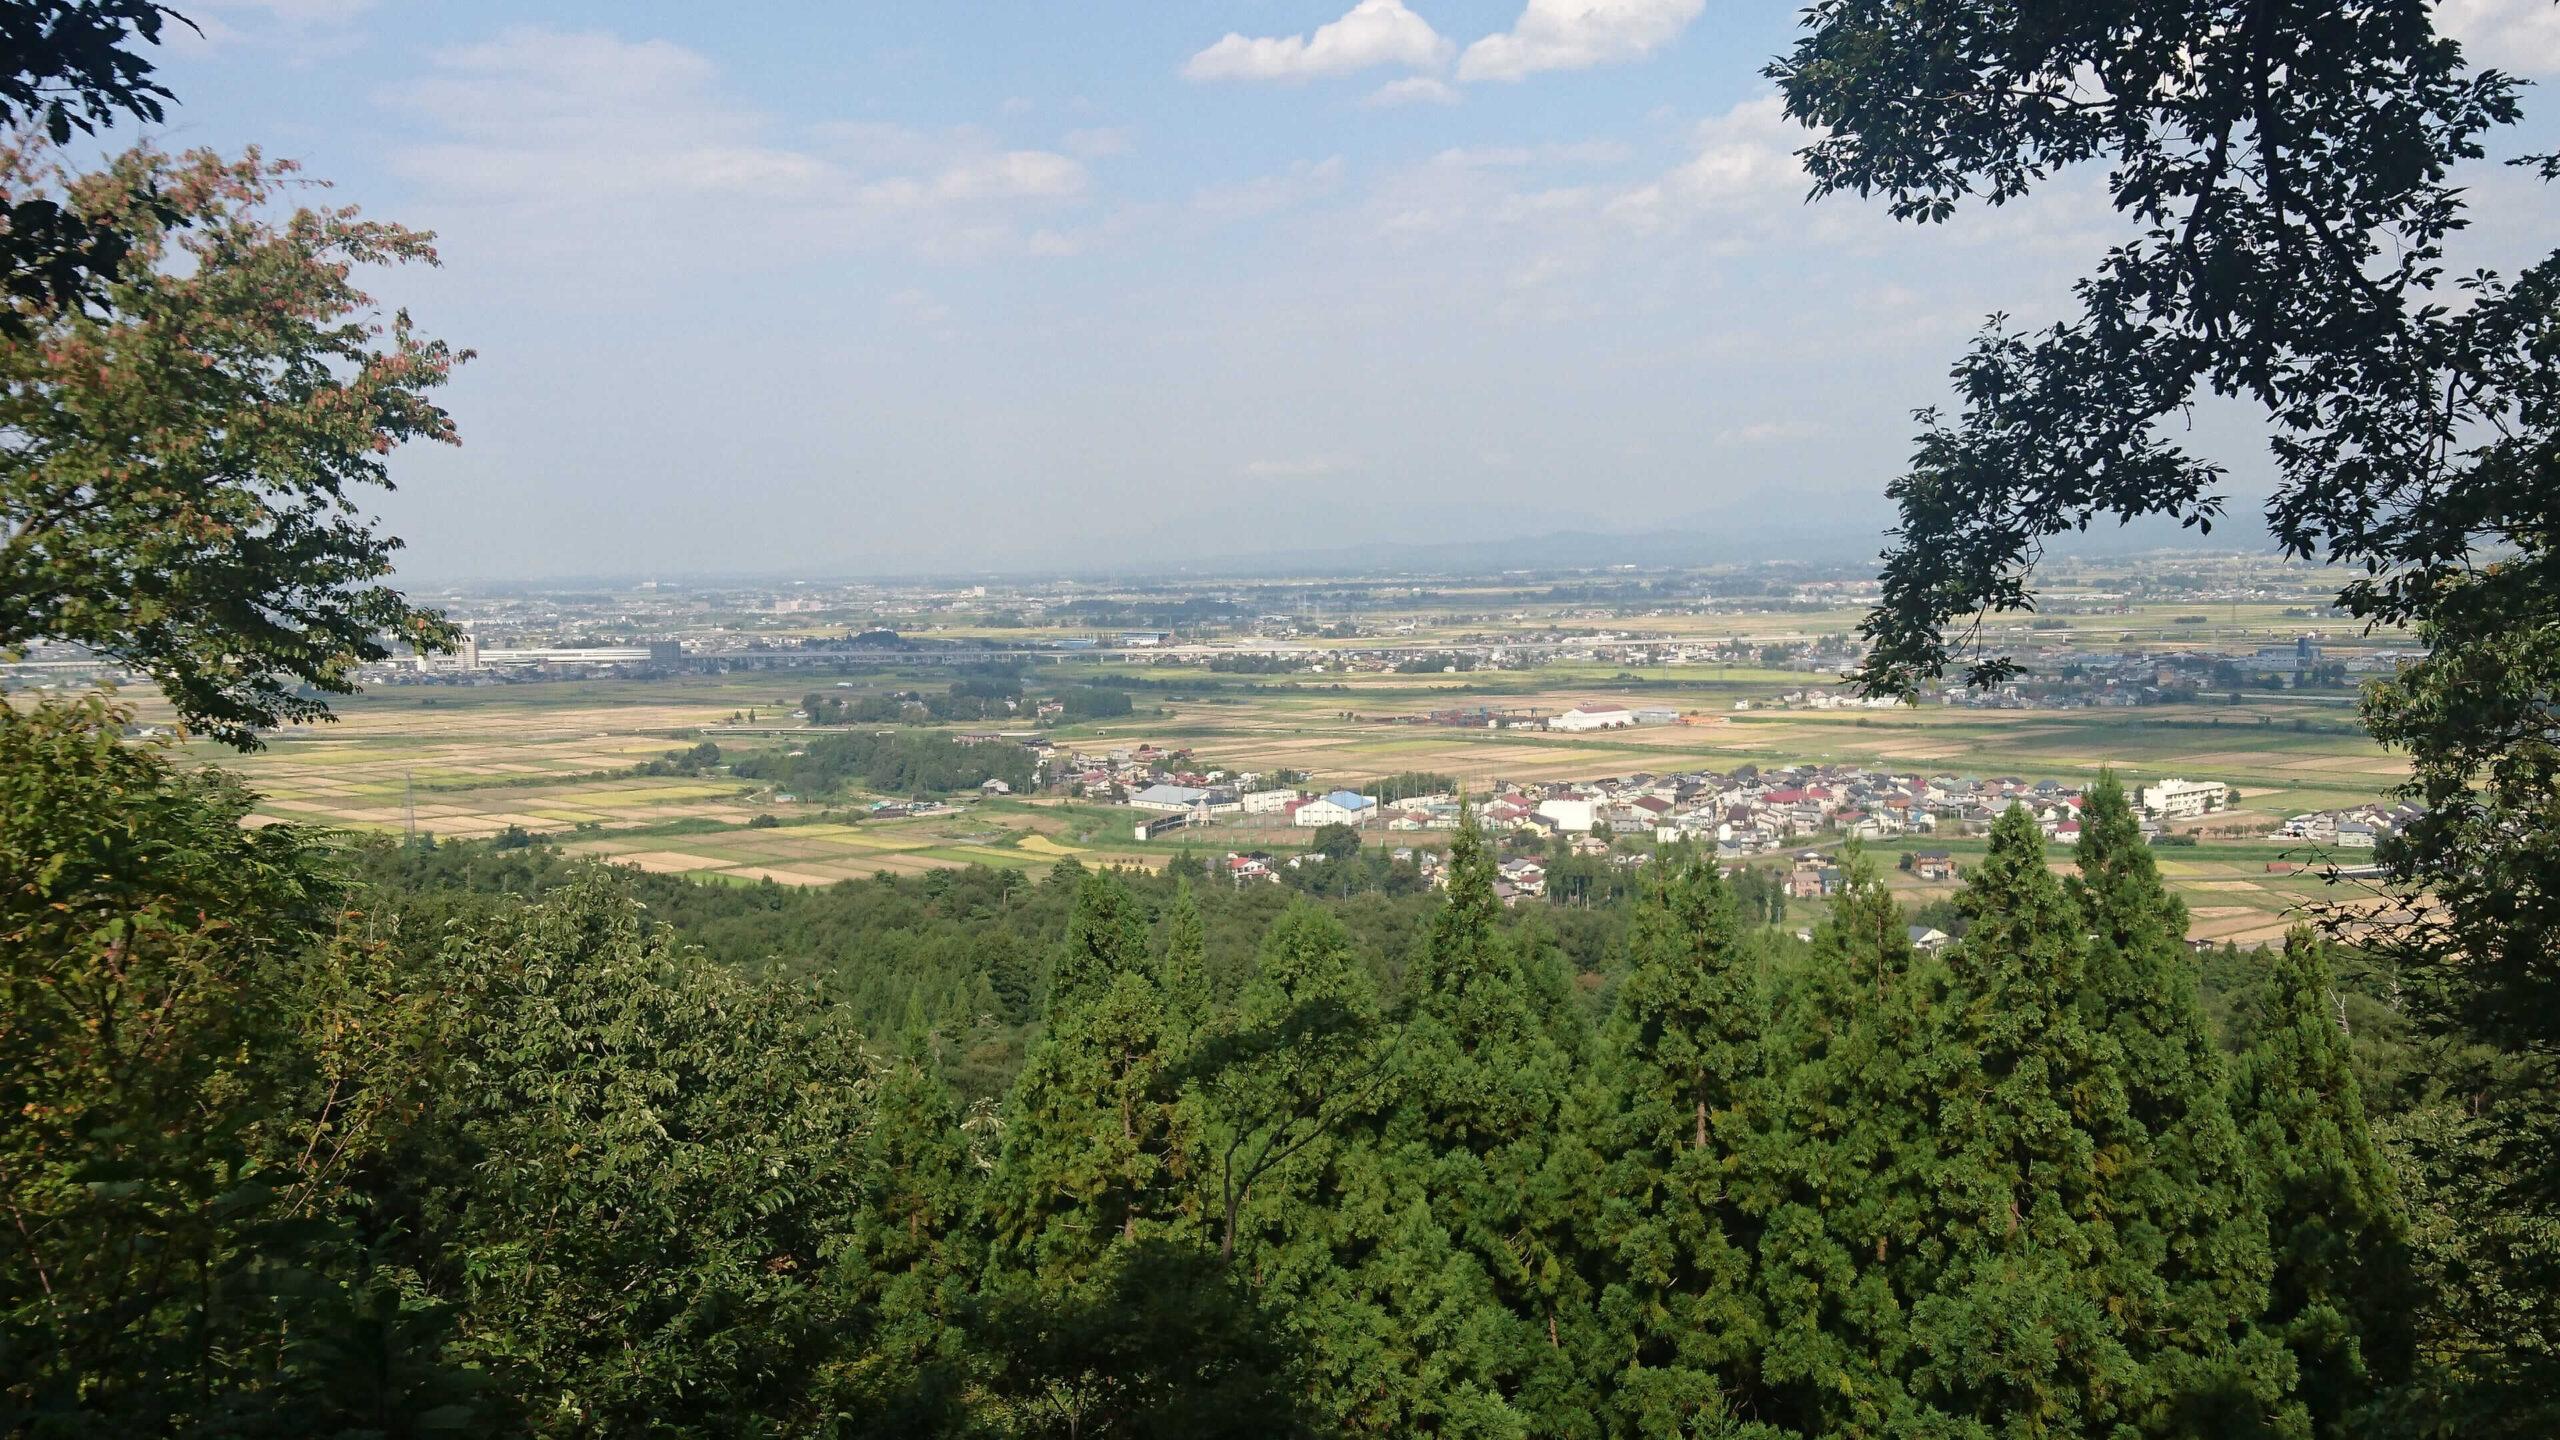 本丸からの眺め、田んぼが広がる上越市